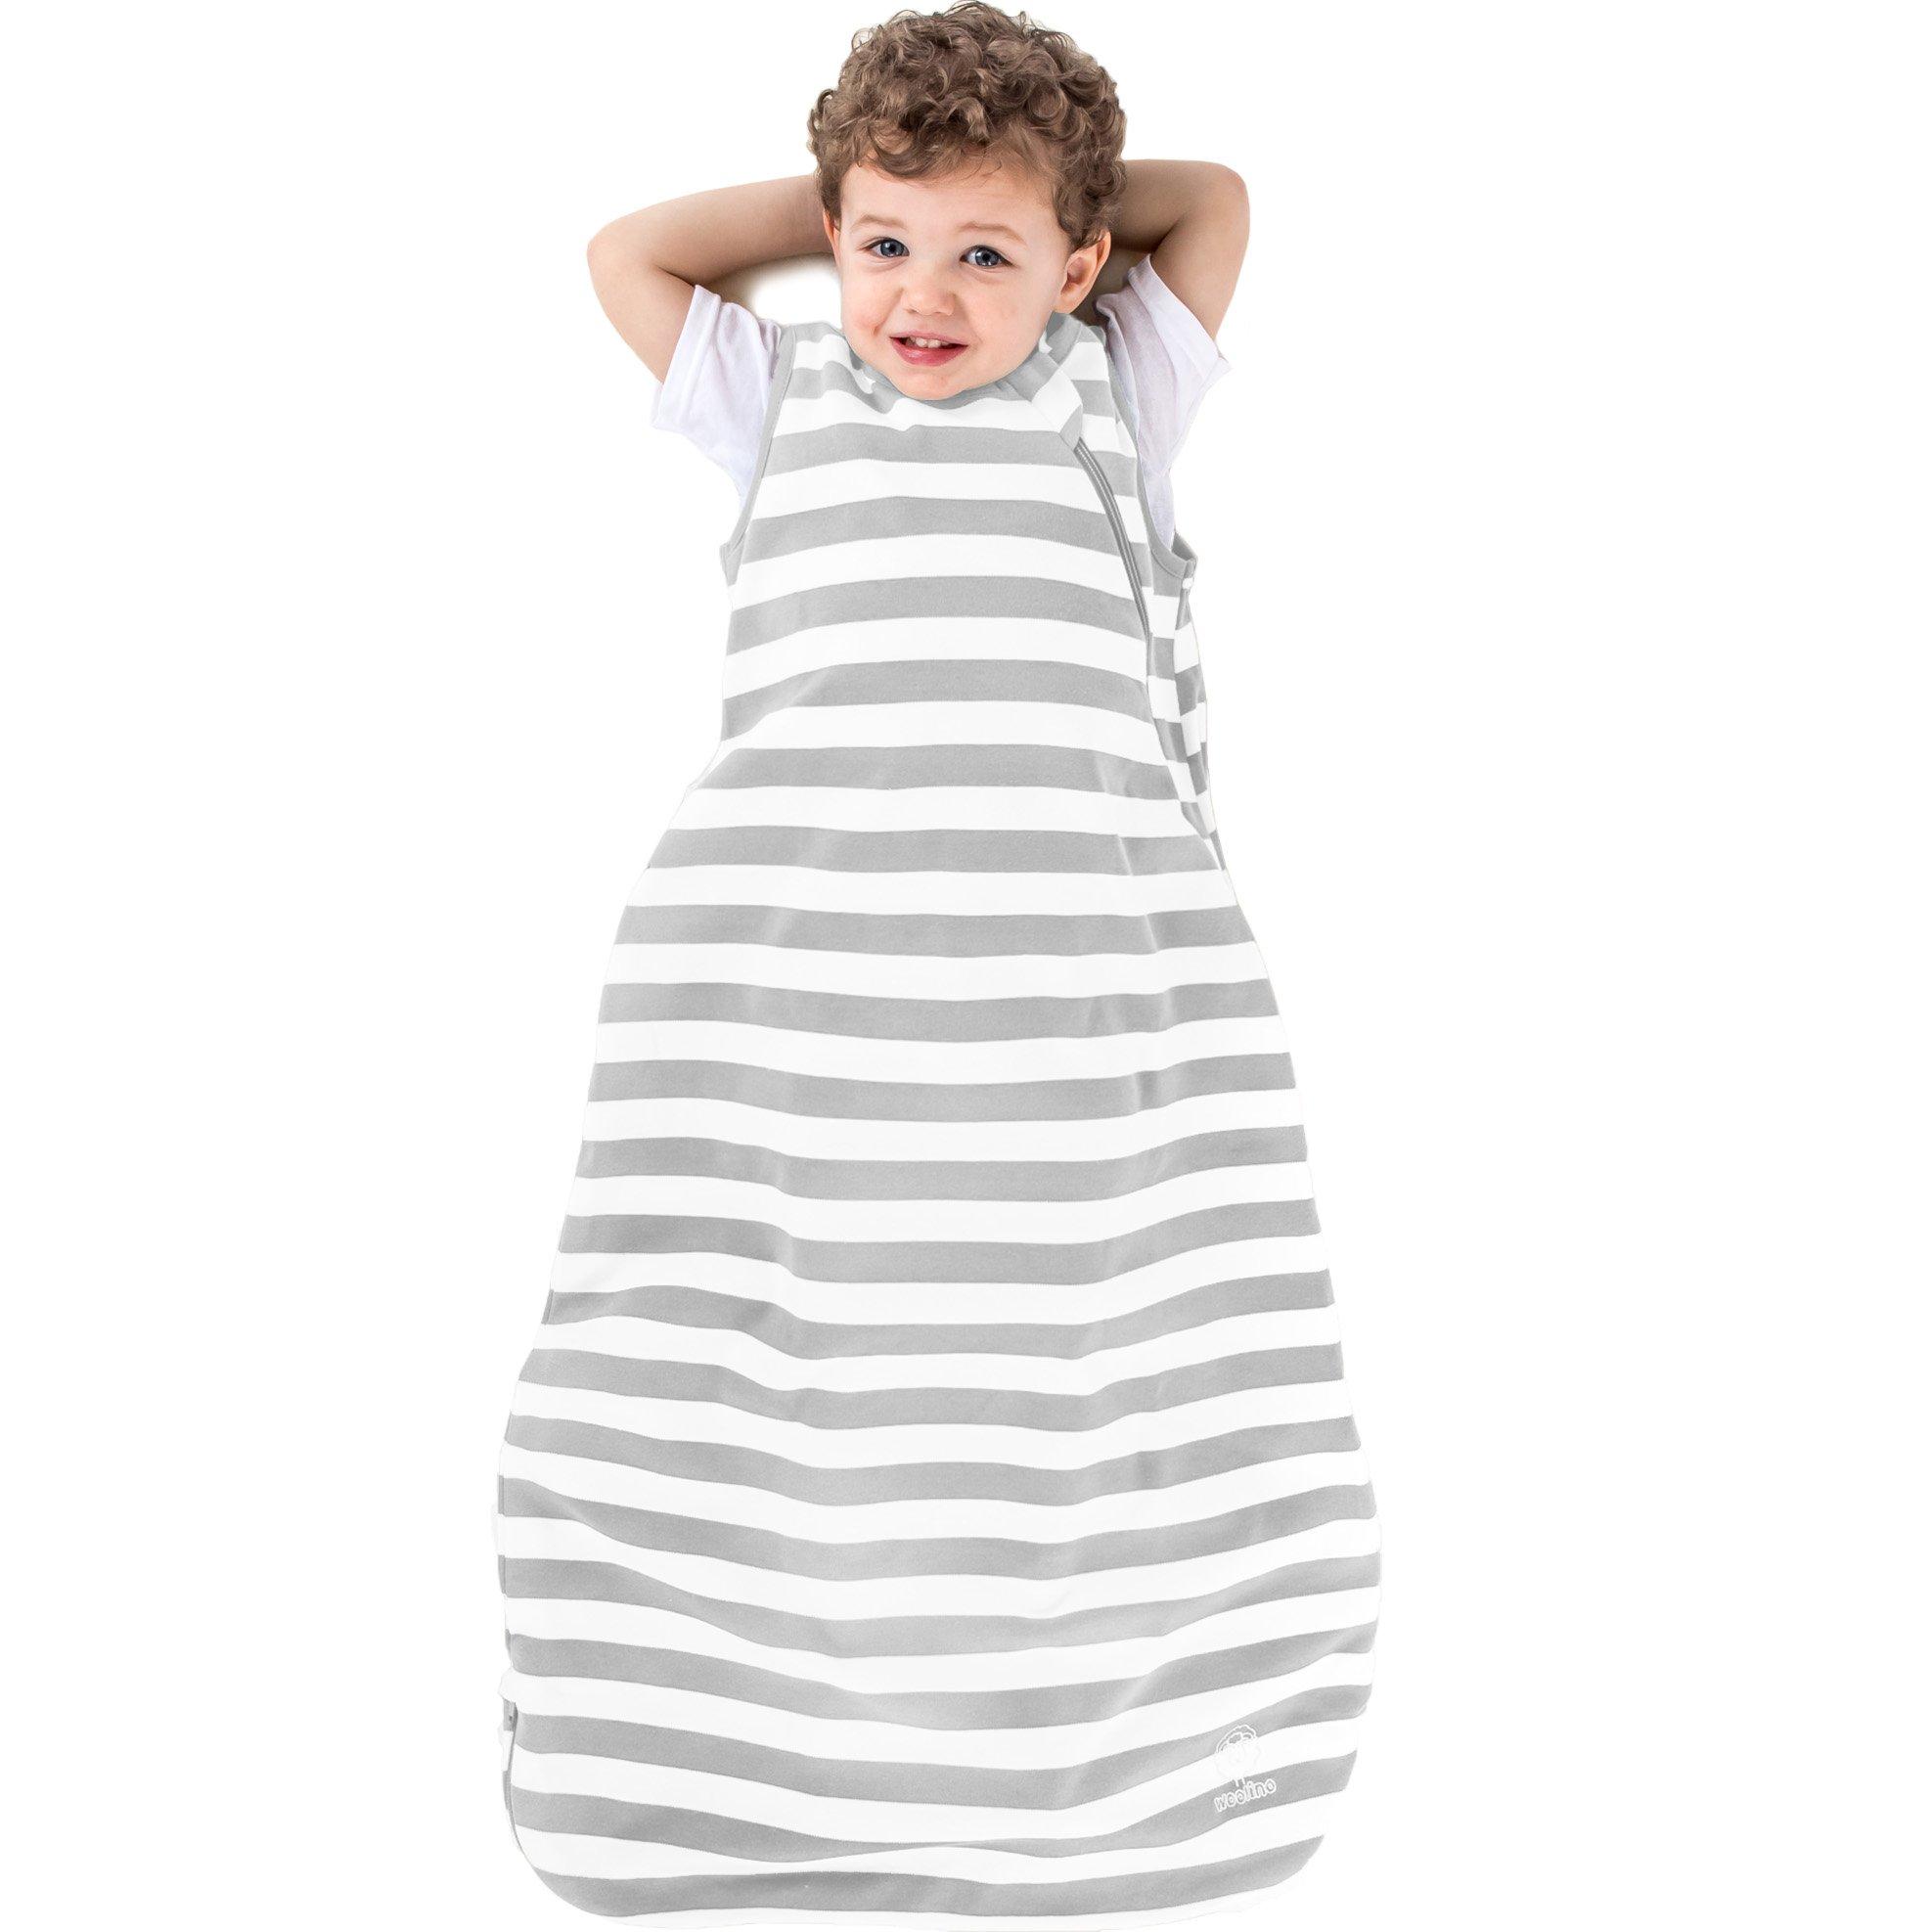 Woolino Organic Cotton Toddler Sleep Bag or Sack - Toddler Sleeping Bag - 18-36 Mo, Silver